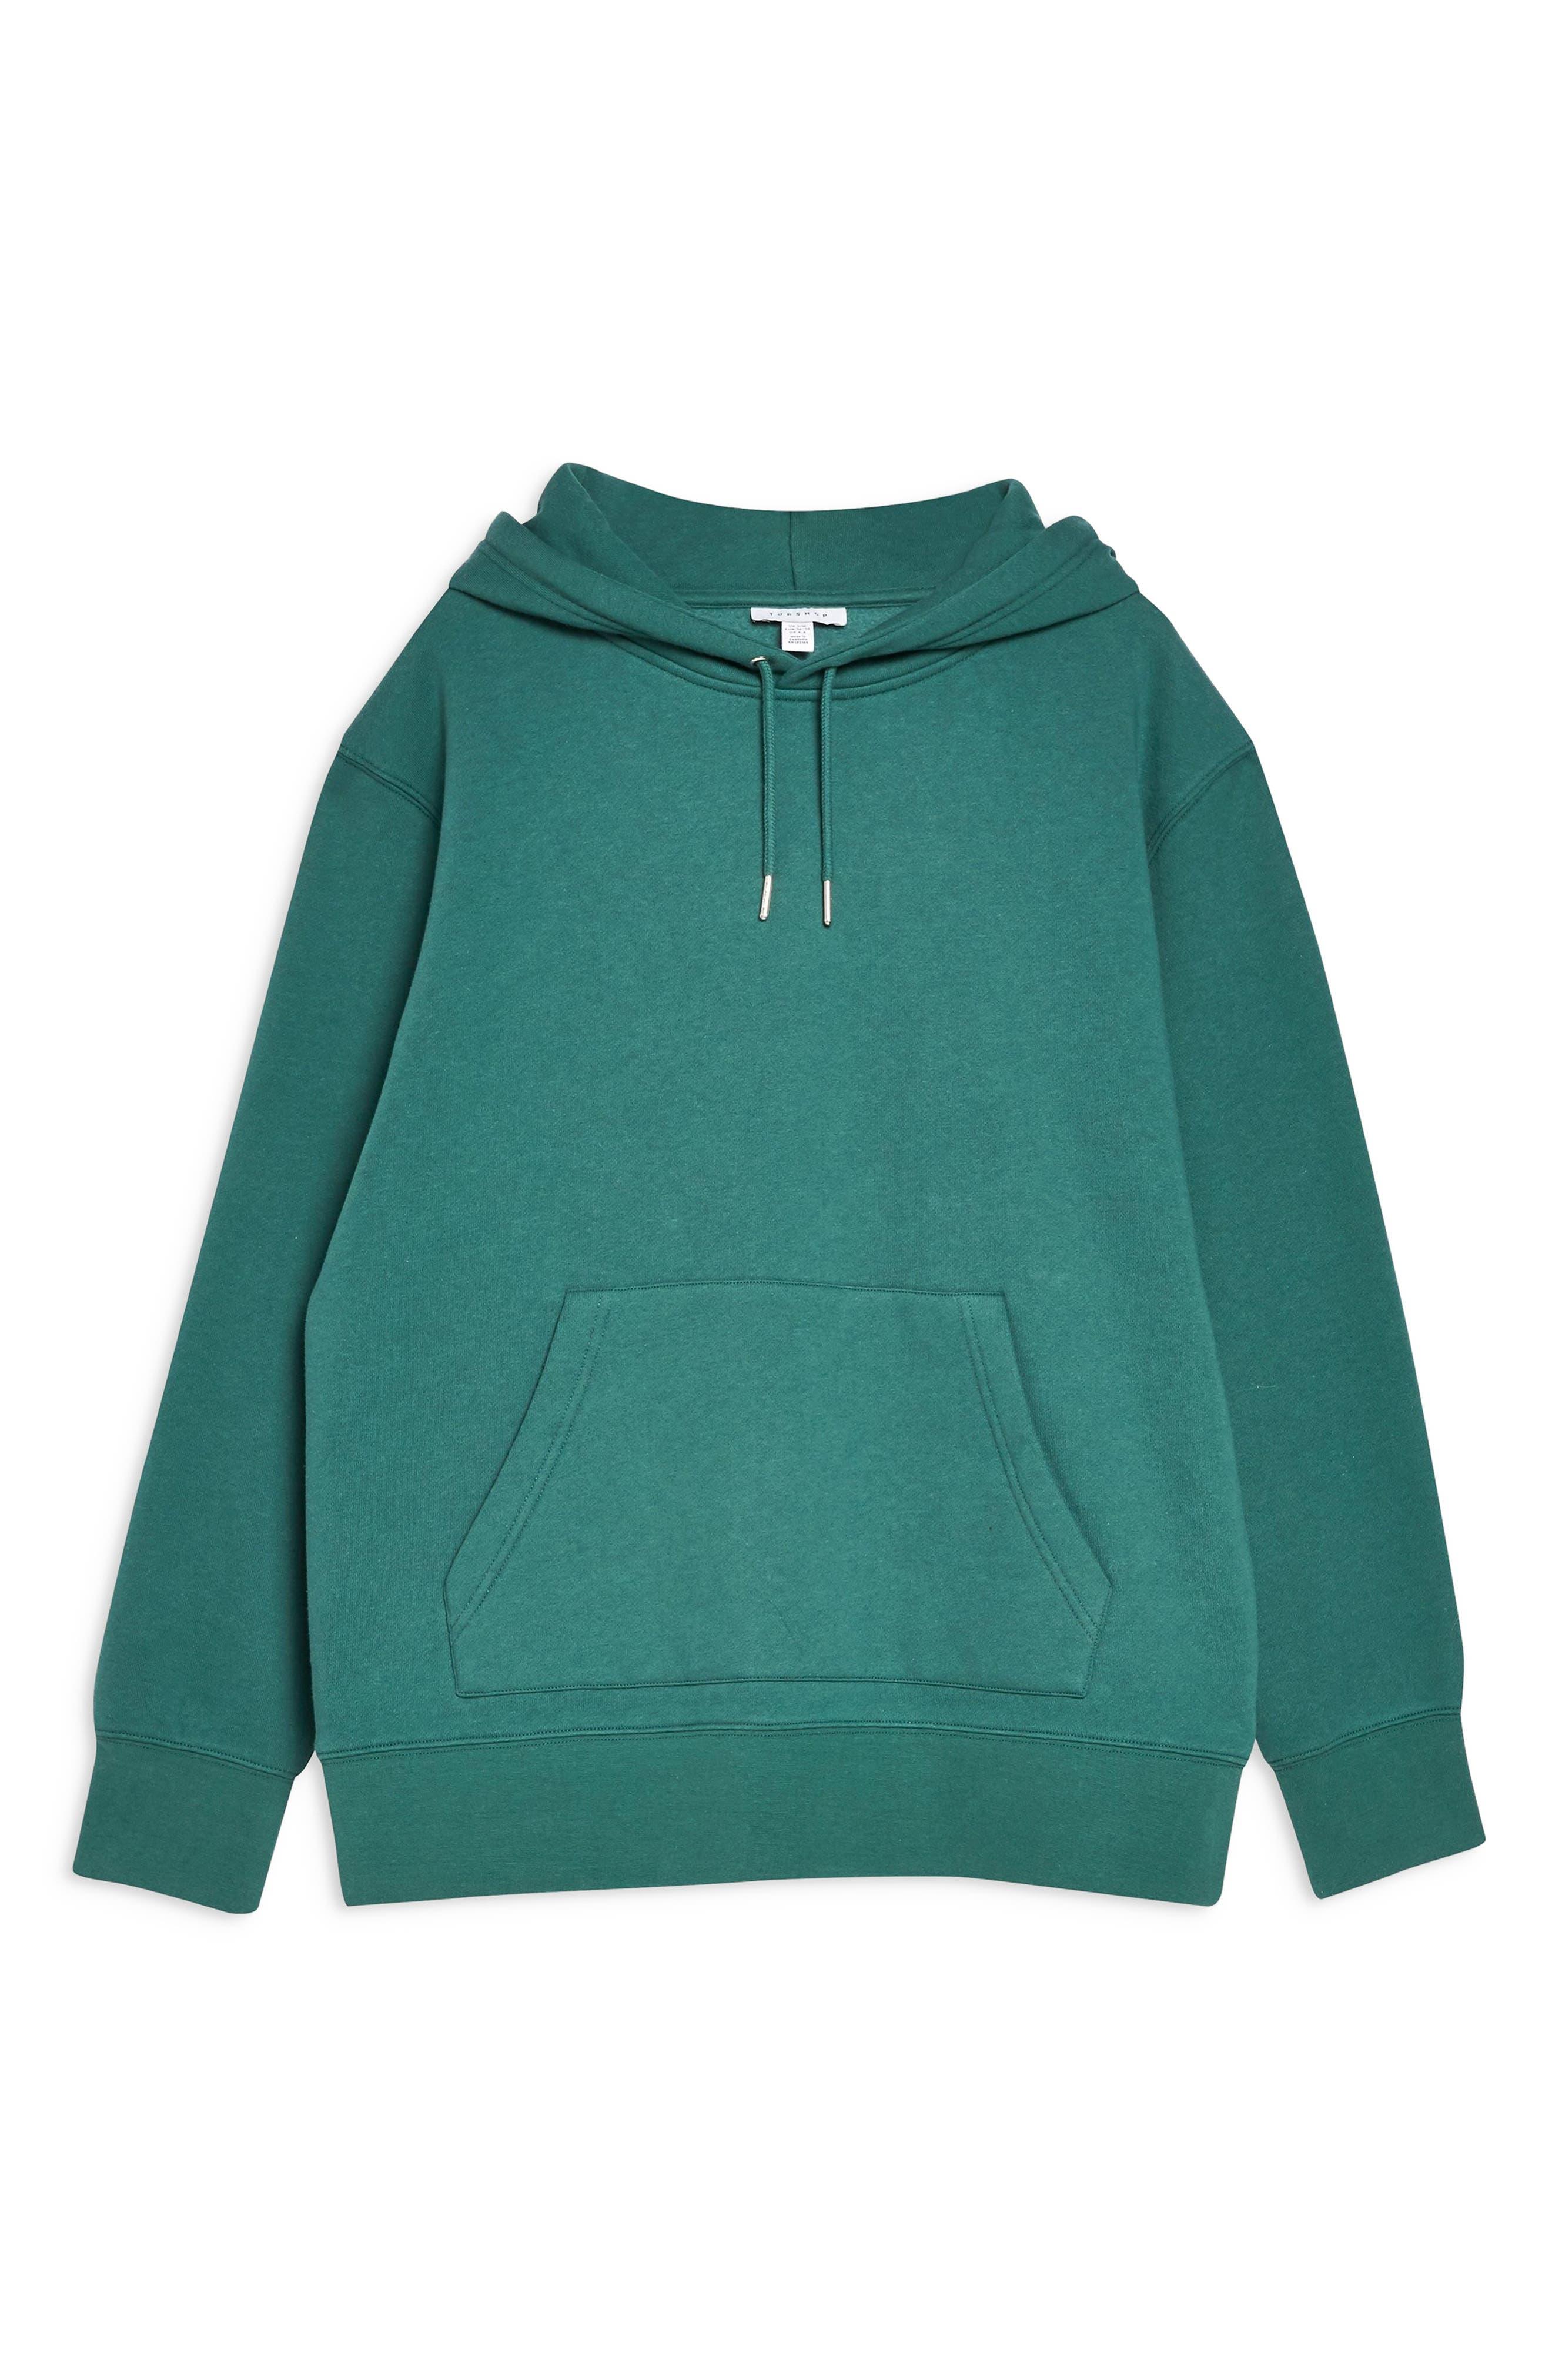 Women's amp; Women's Nordstrom Hoodies Women's amp; amp; Nordstrom Sweatshirts Hoodies Sweatshirts Sweatshirts wqExd7I